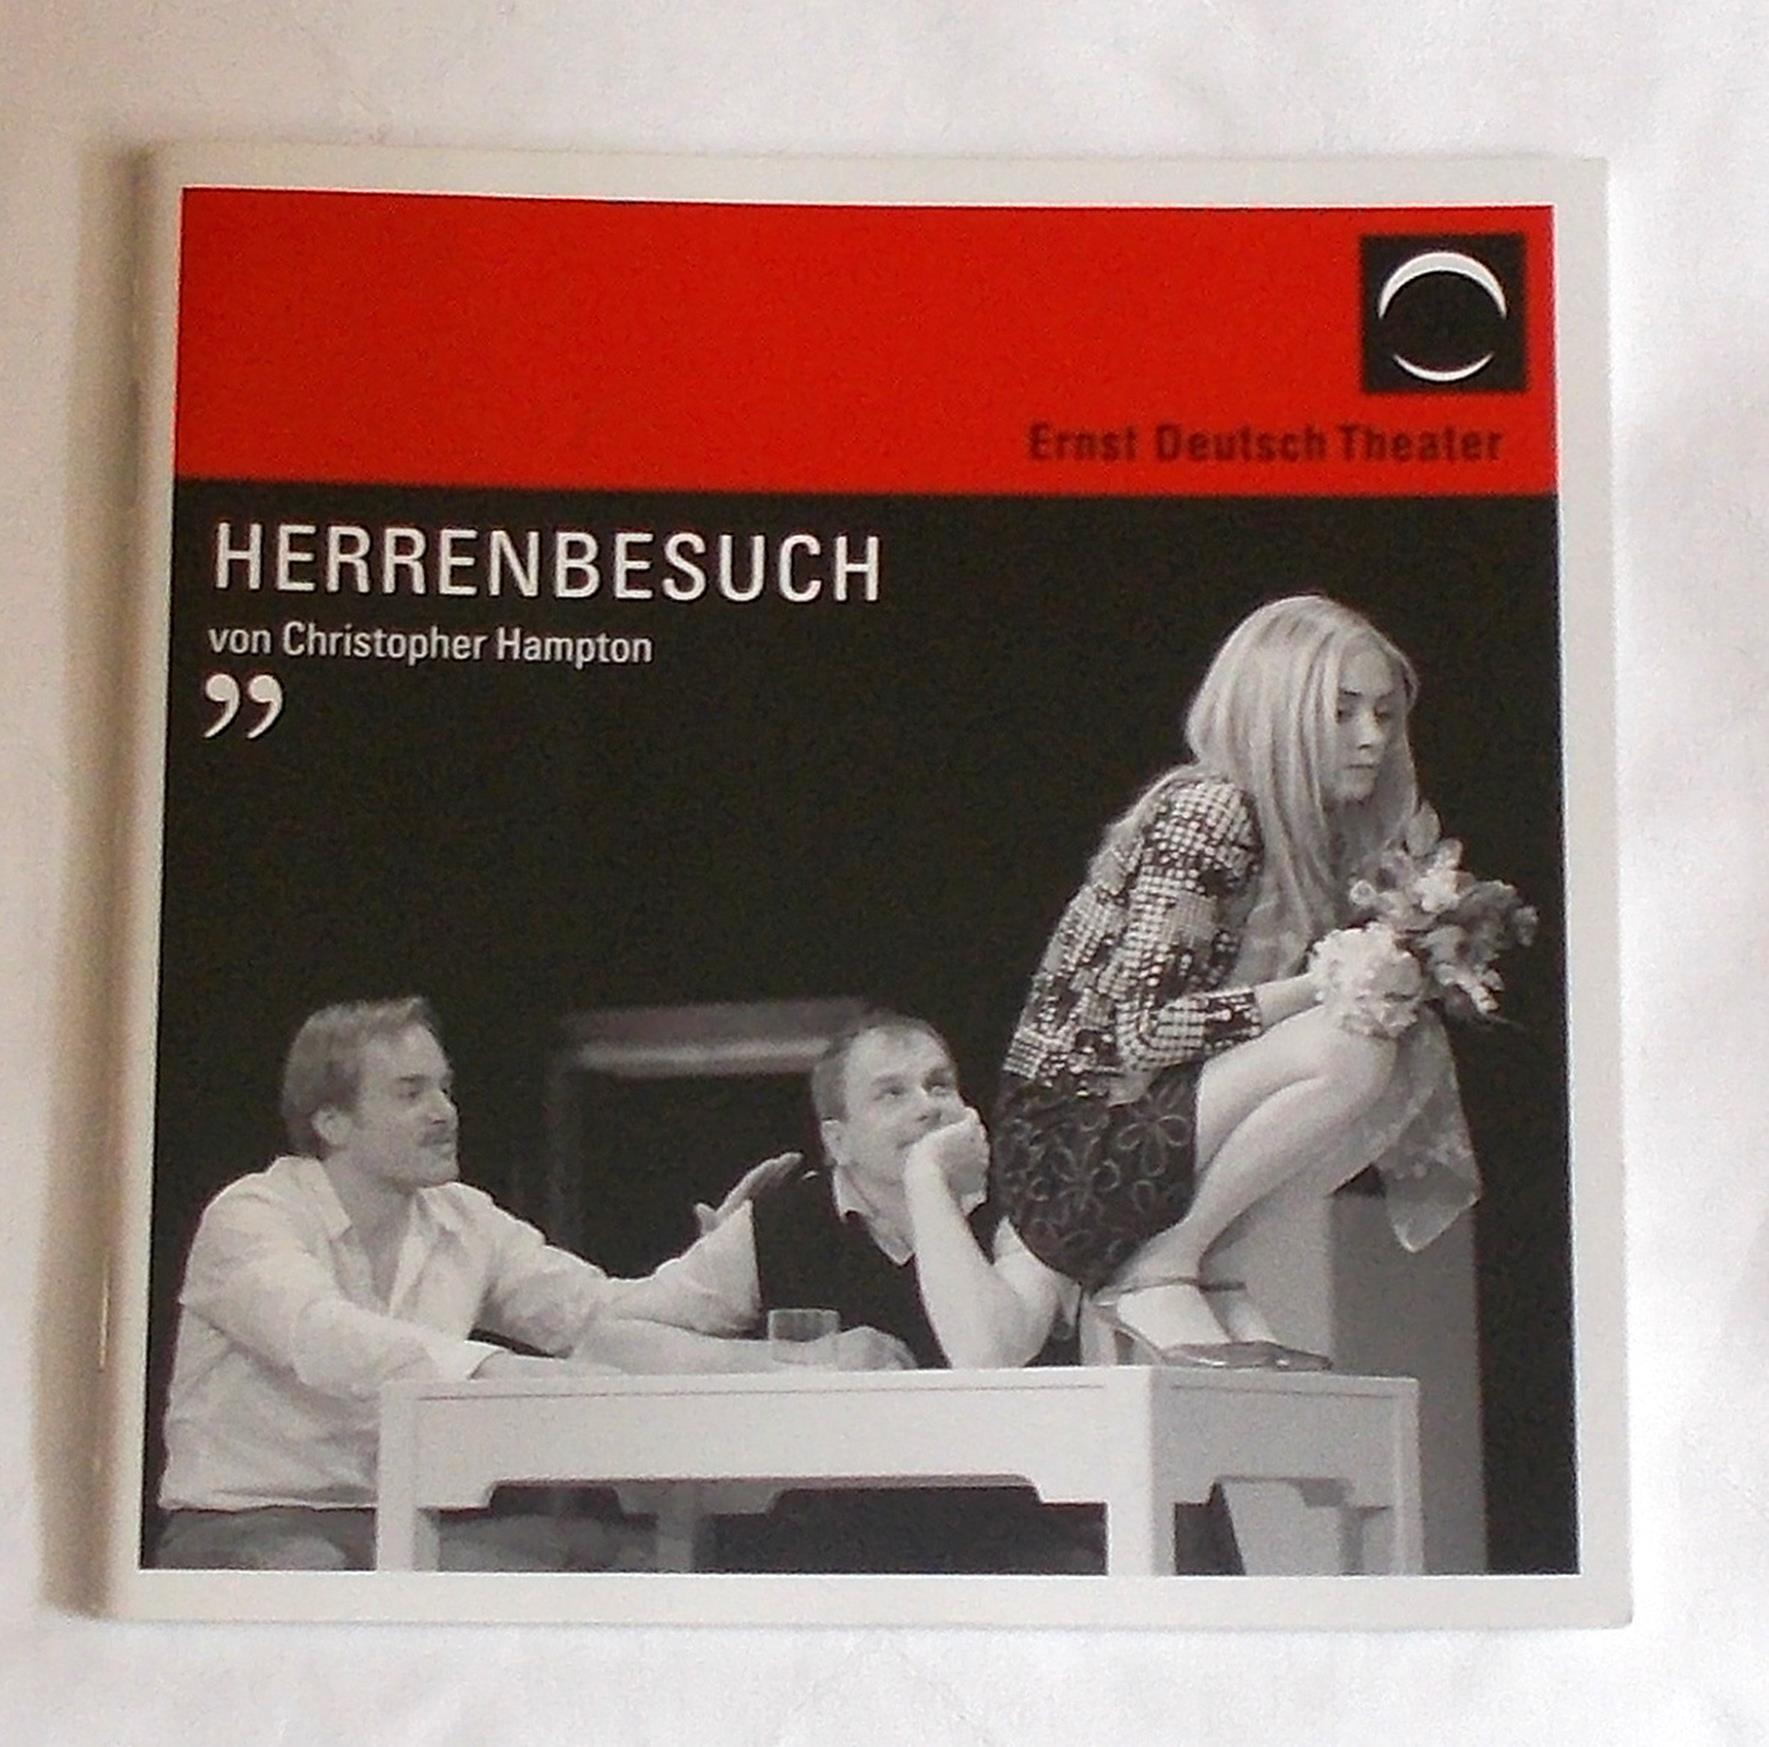 Programmheft HERRENBESUCH von Christoph Hampton. Ernst Deutsch Theater 2008